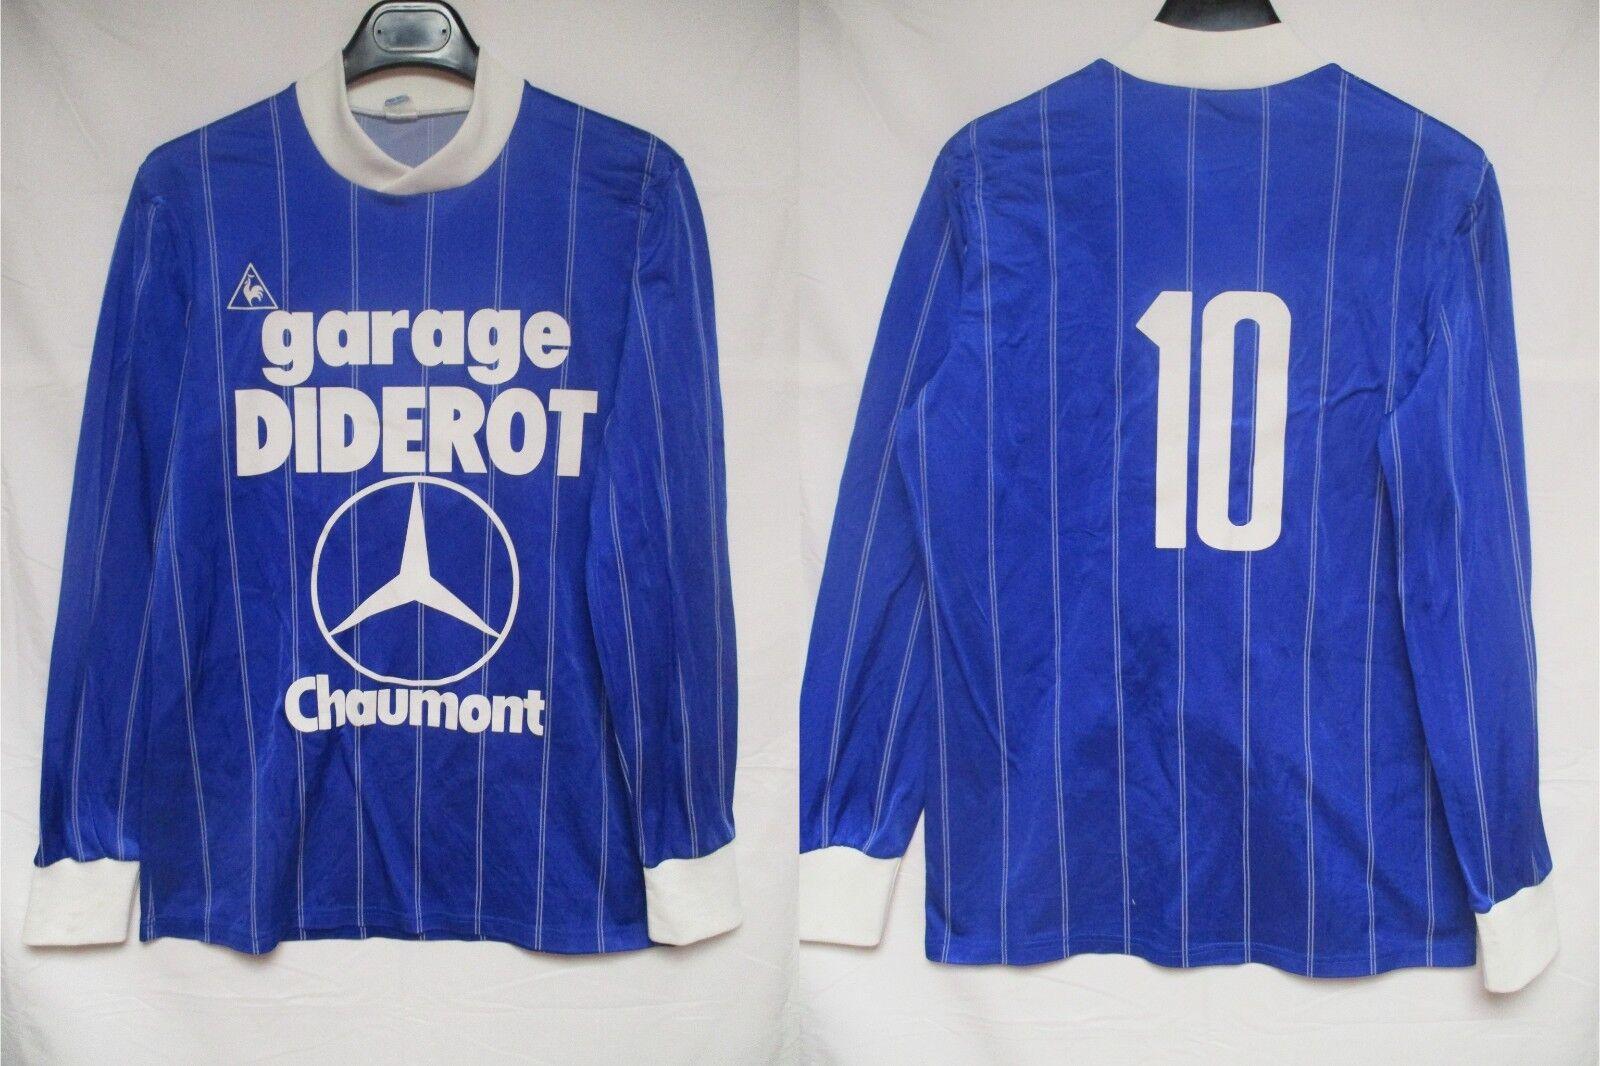 Maillot CHAUMONT 10 vintage LE COQ SPORTIF 1986 Division 2 manches longues shirt